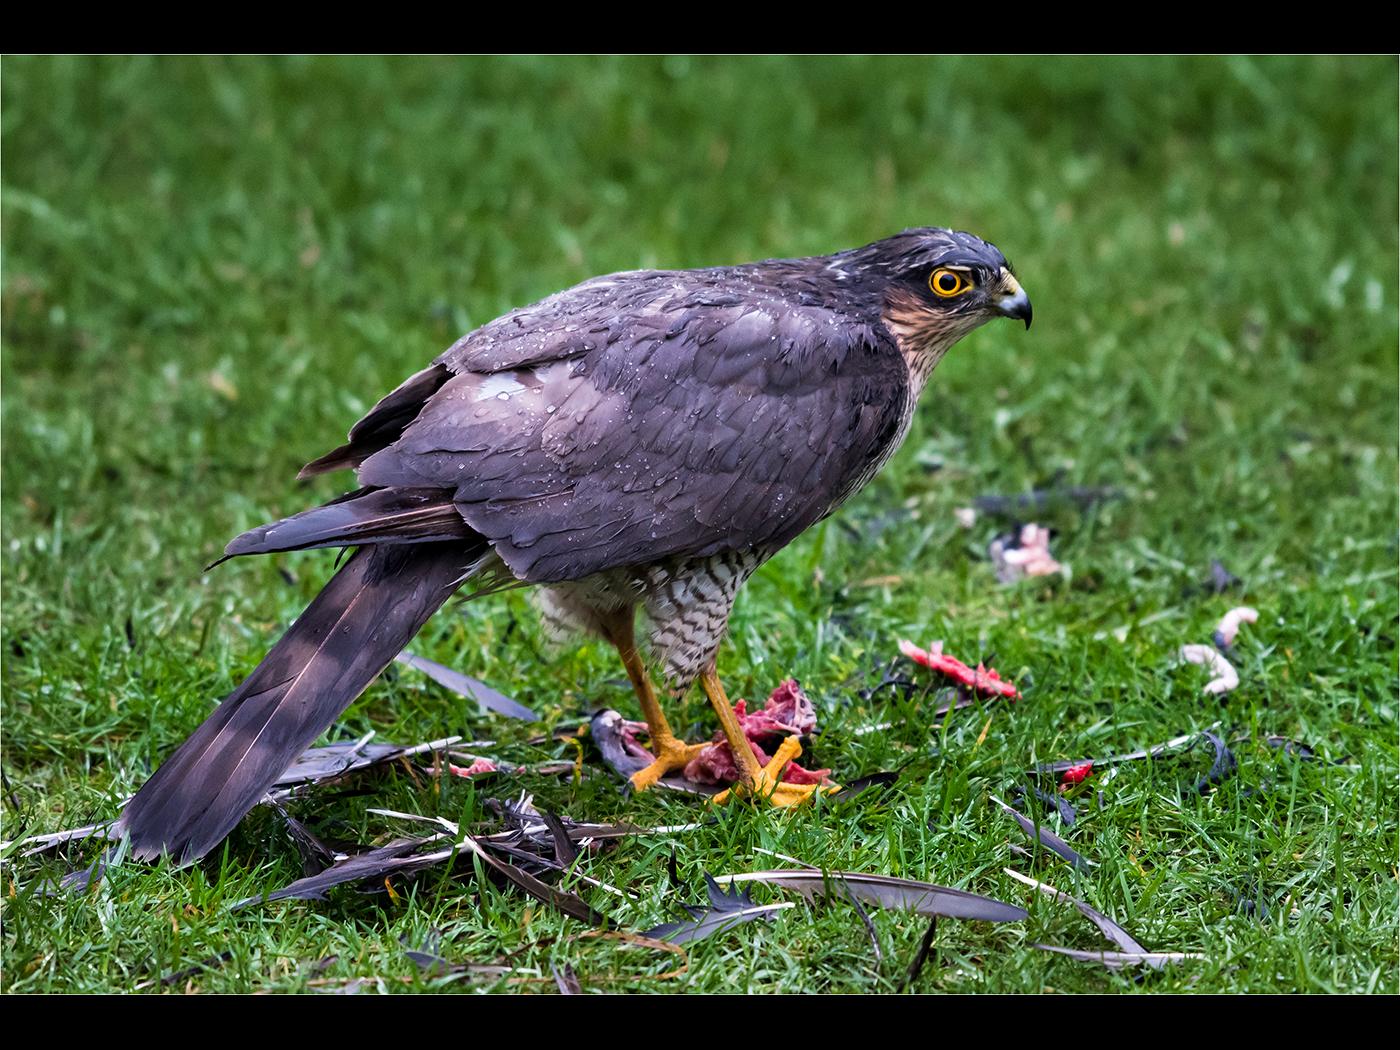 Sparrow Hawk with prey in the rain